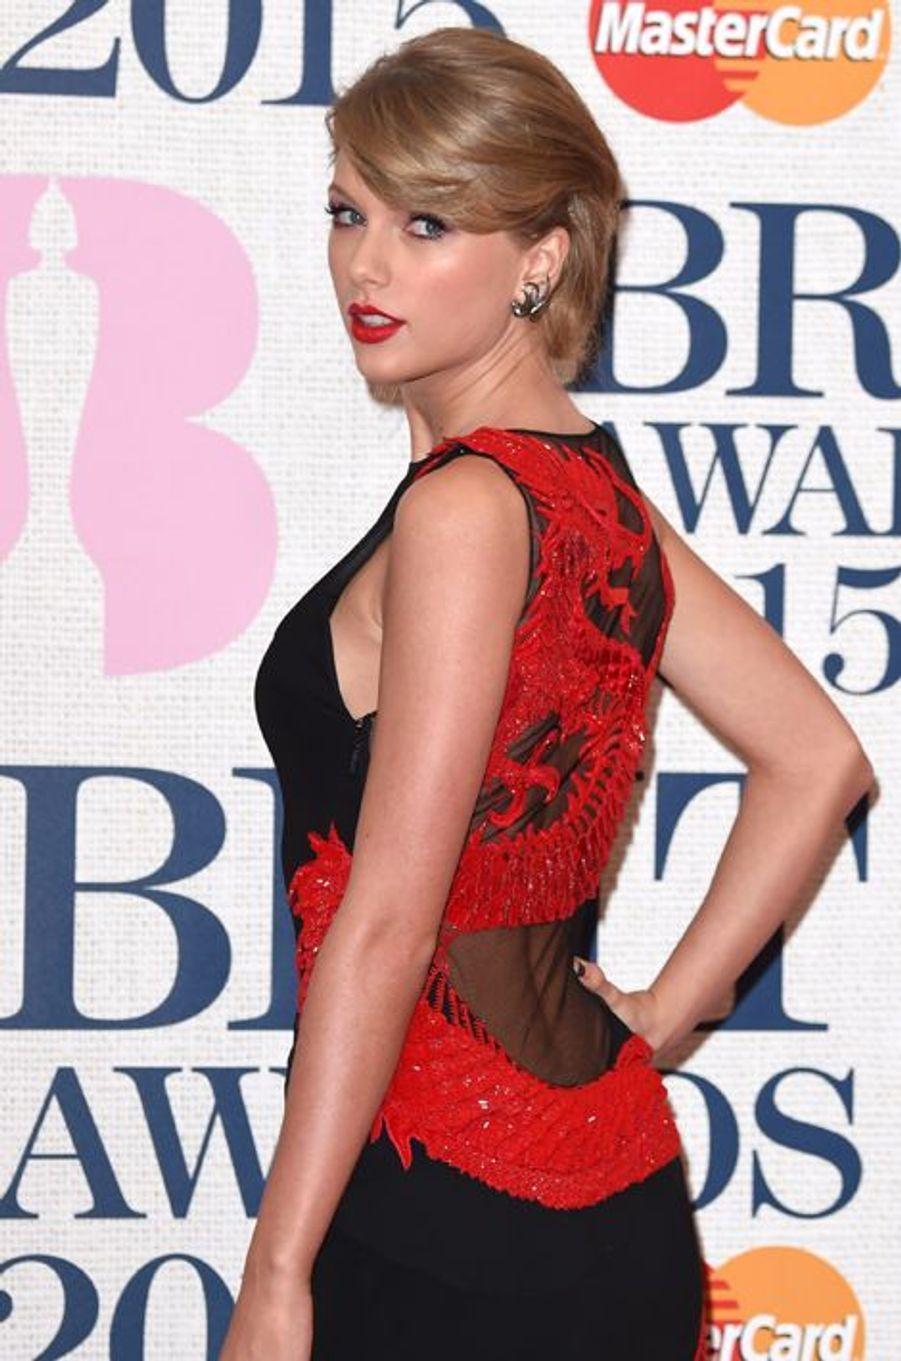 Il s'agit de Taylor Swift